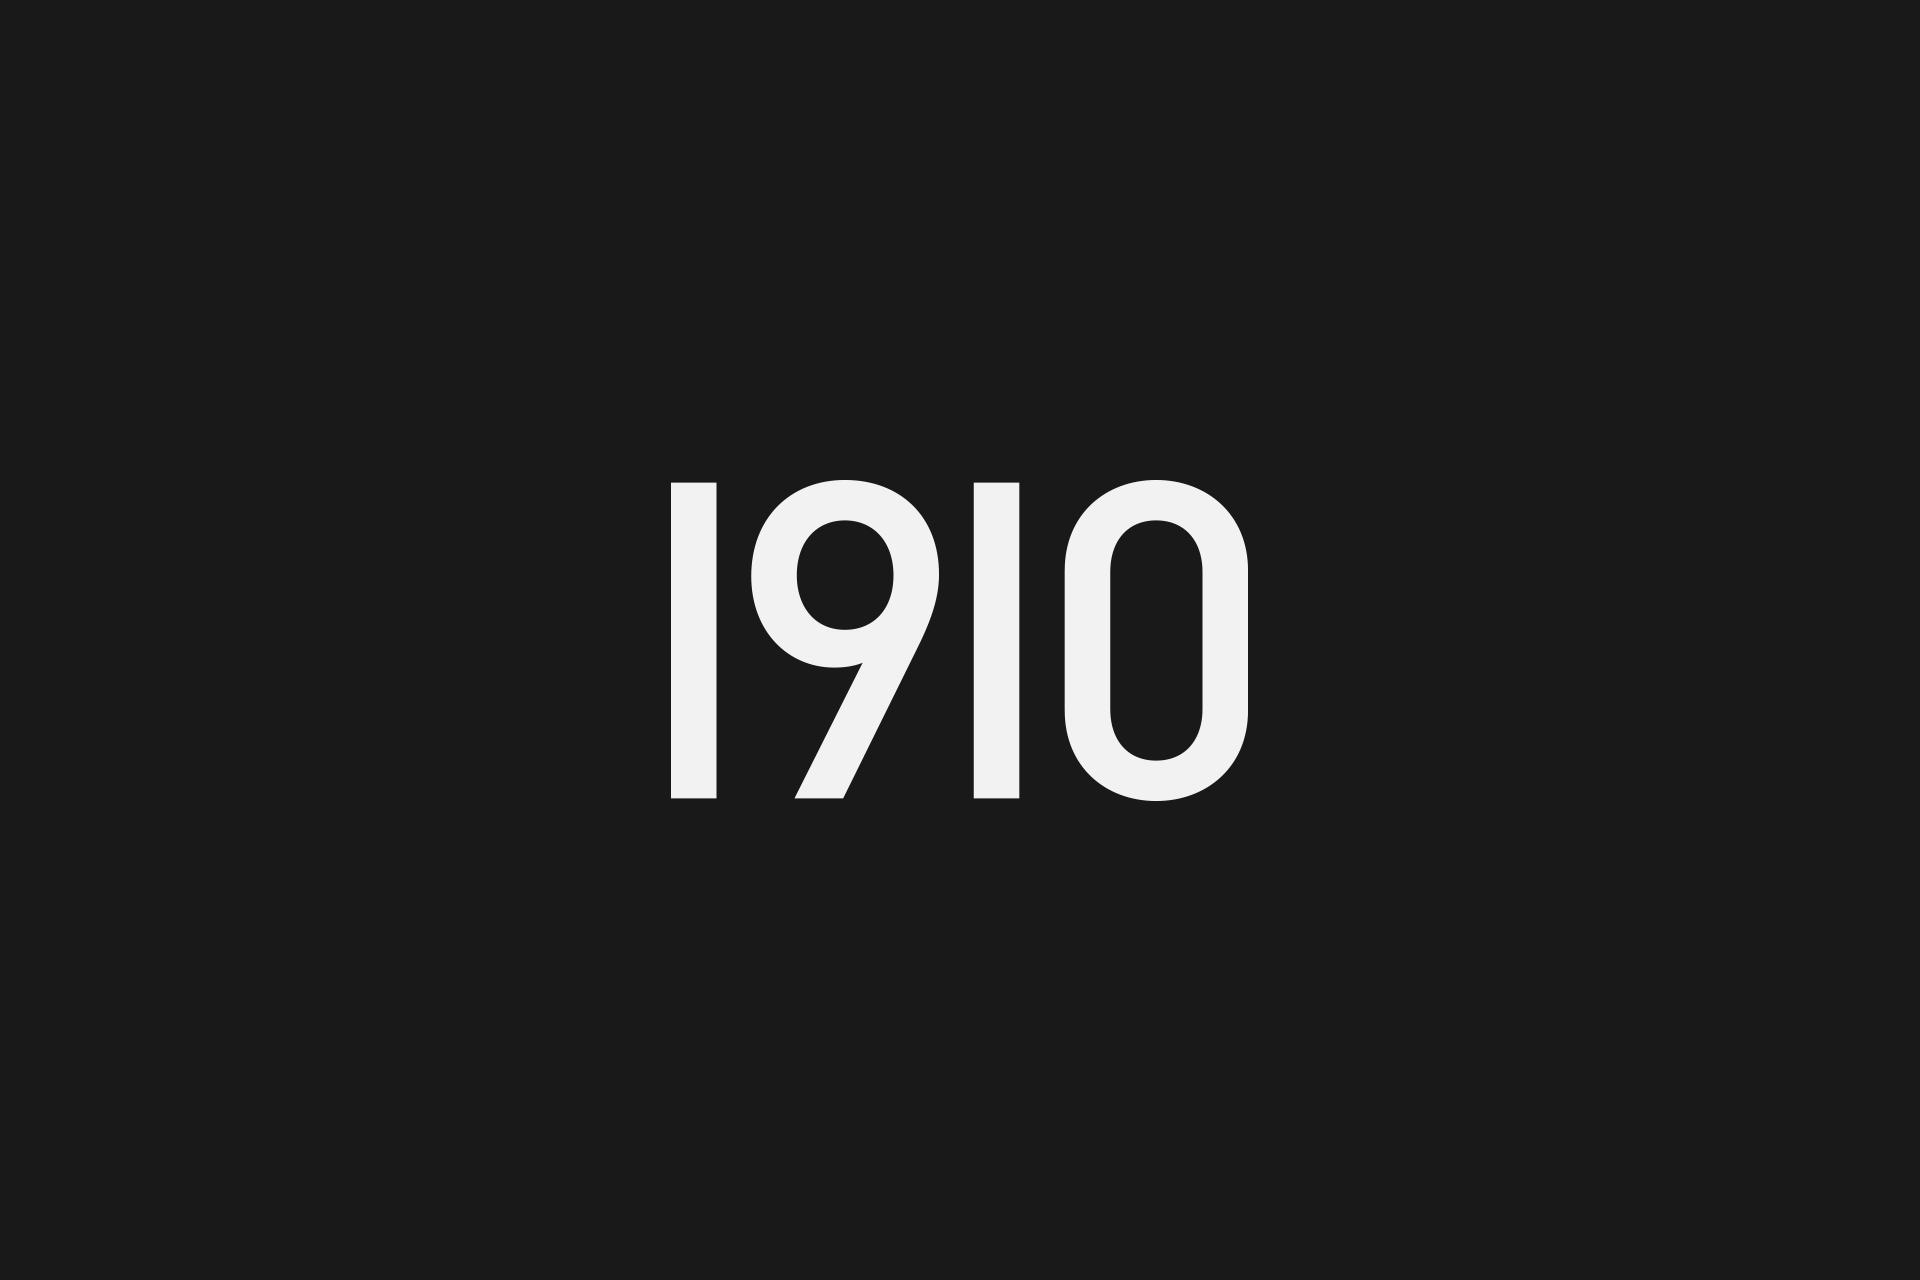 branding journal 1910